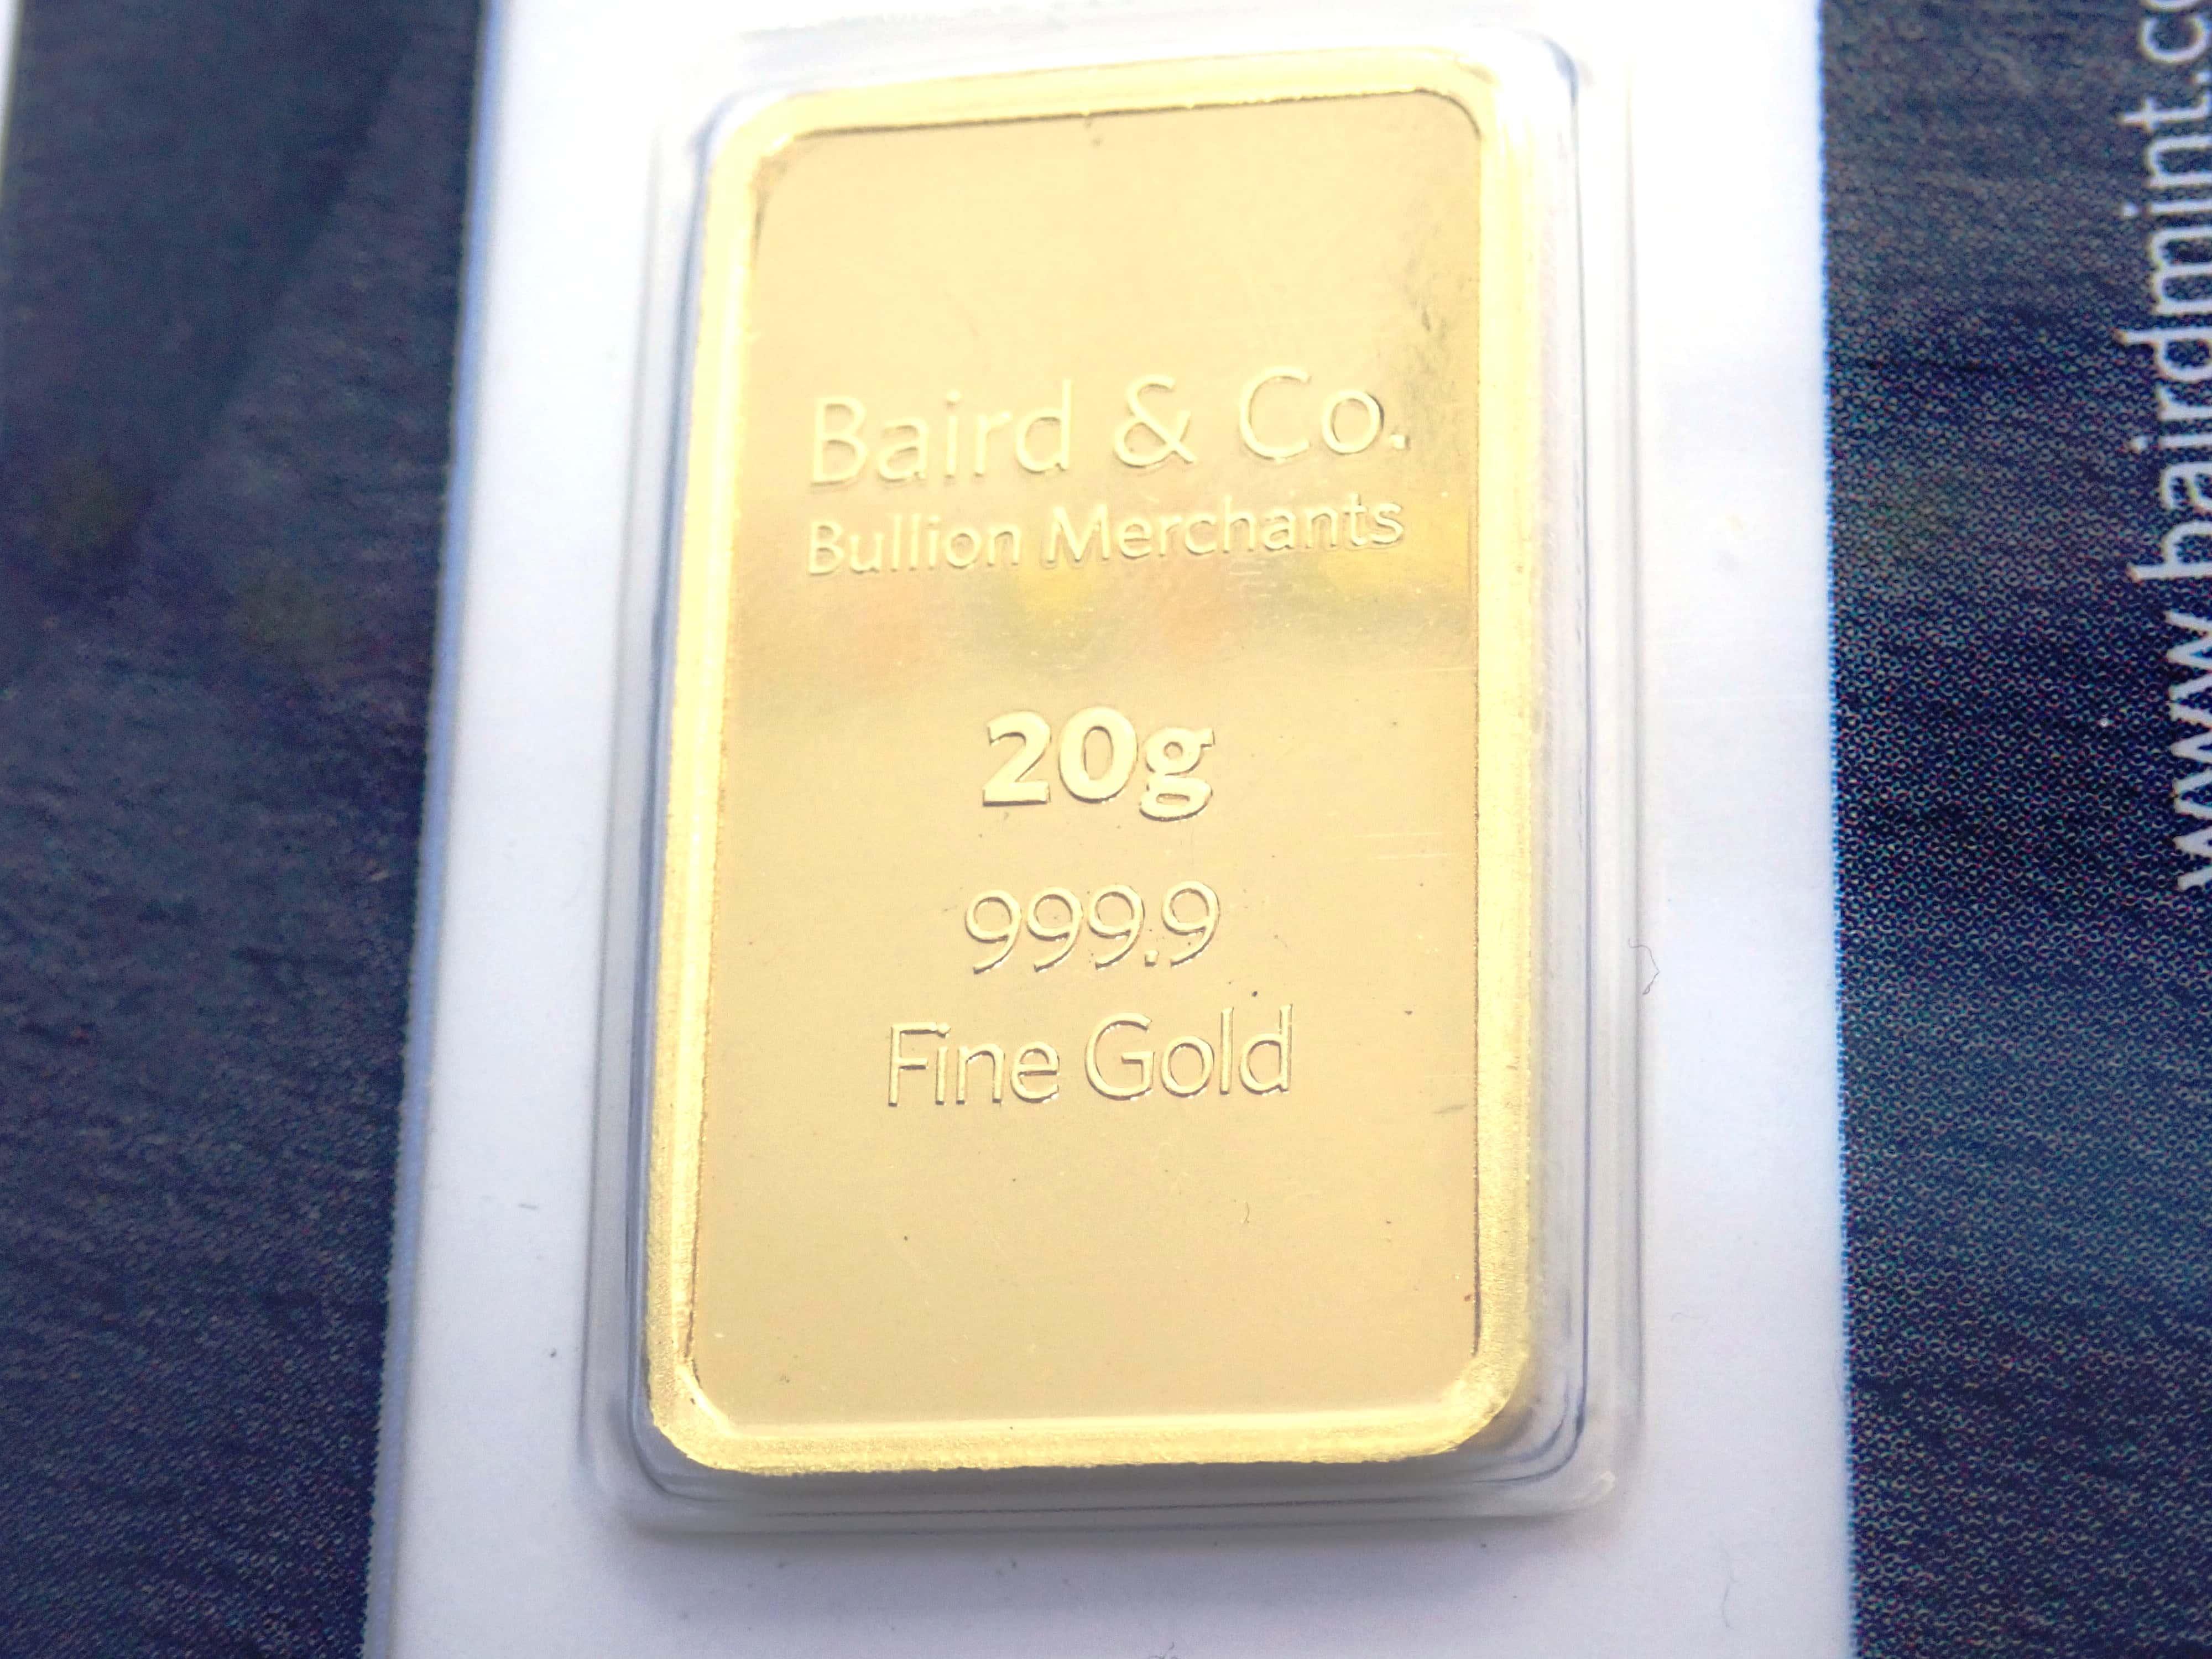 AA000853 - 20 gram Baird and Co Fine Gold Bar 24 Carat 999.9 Bullion #